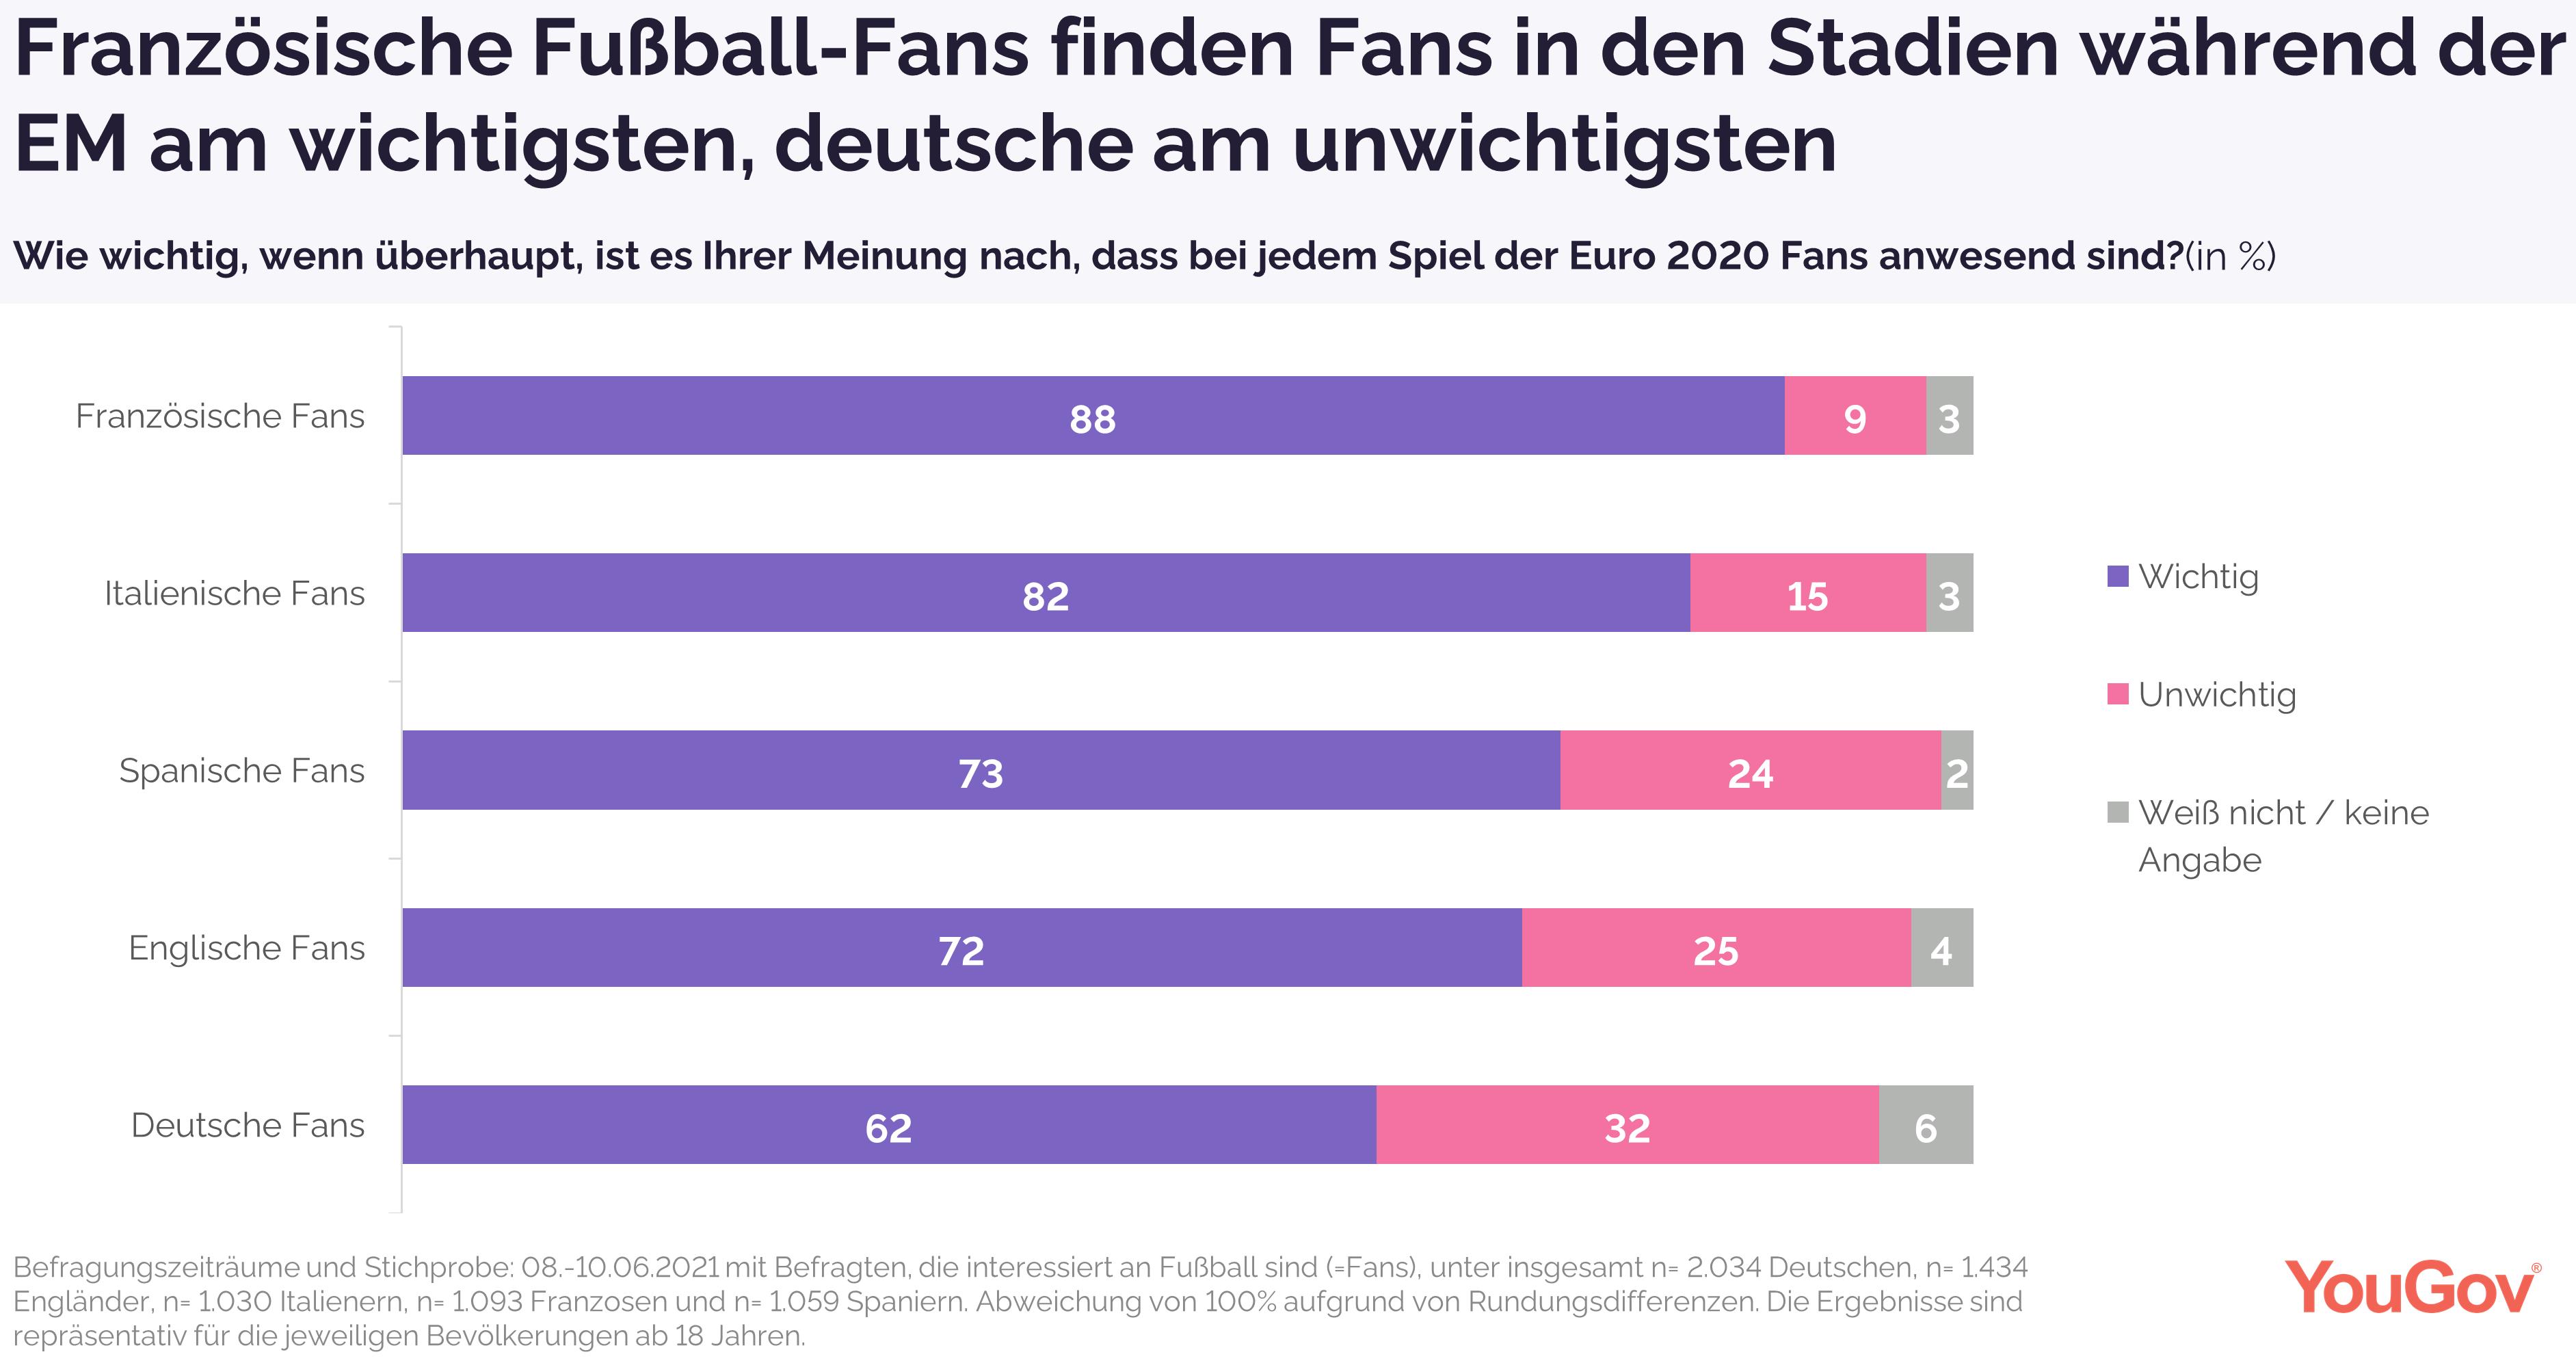 Französische Fußball-Fans finden Fans in Stadien zur EM am wichtigsten